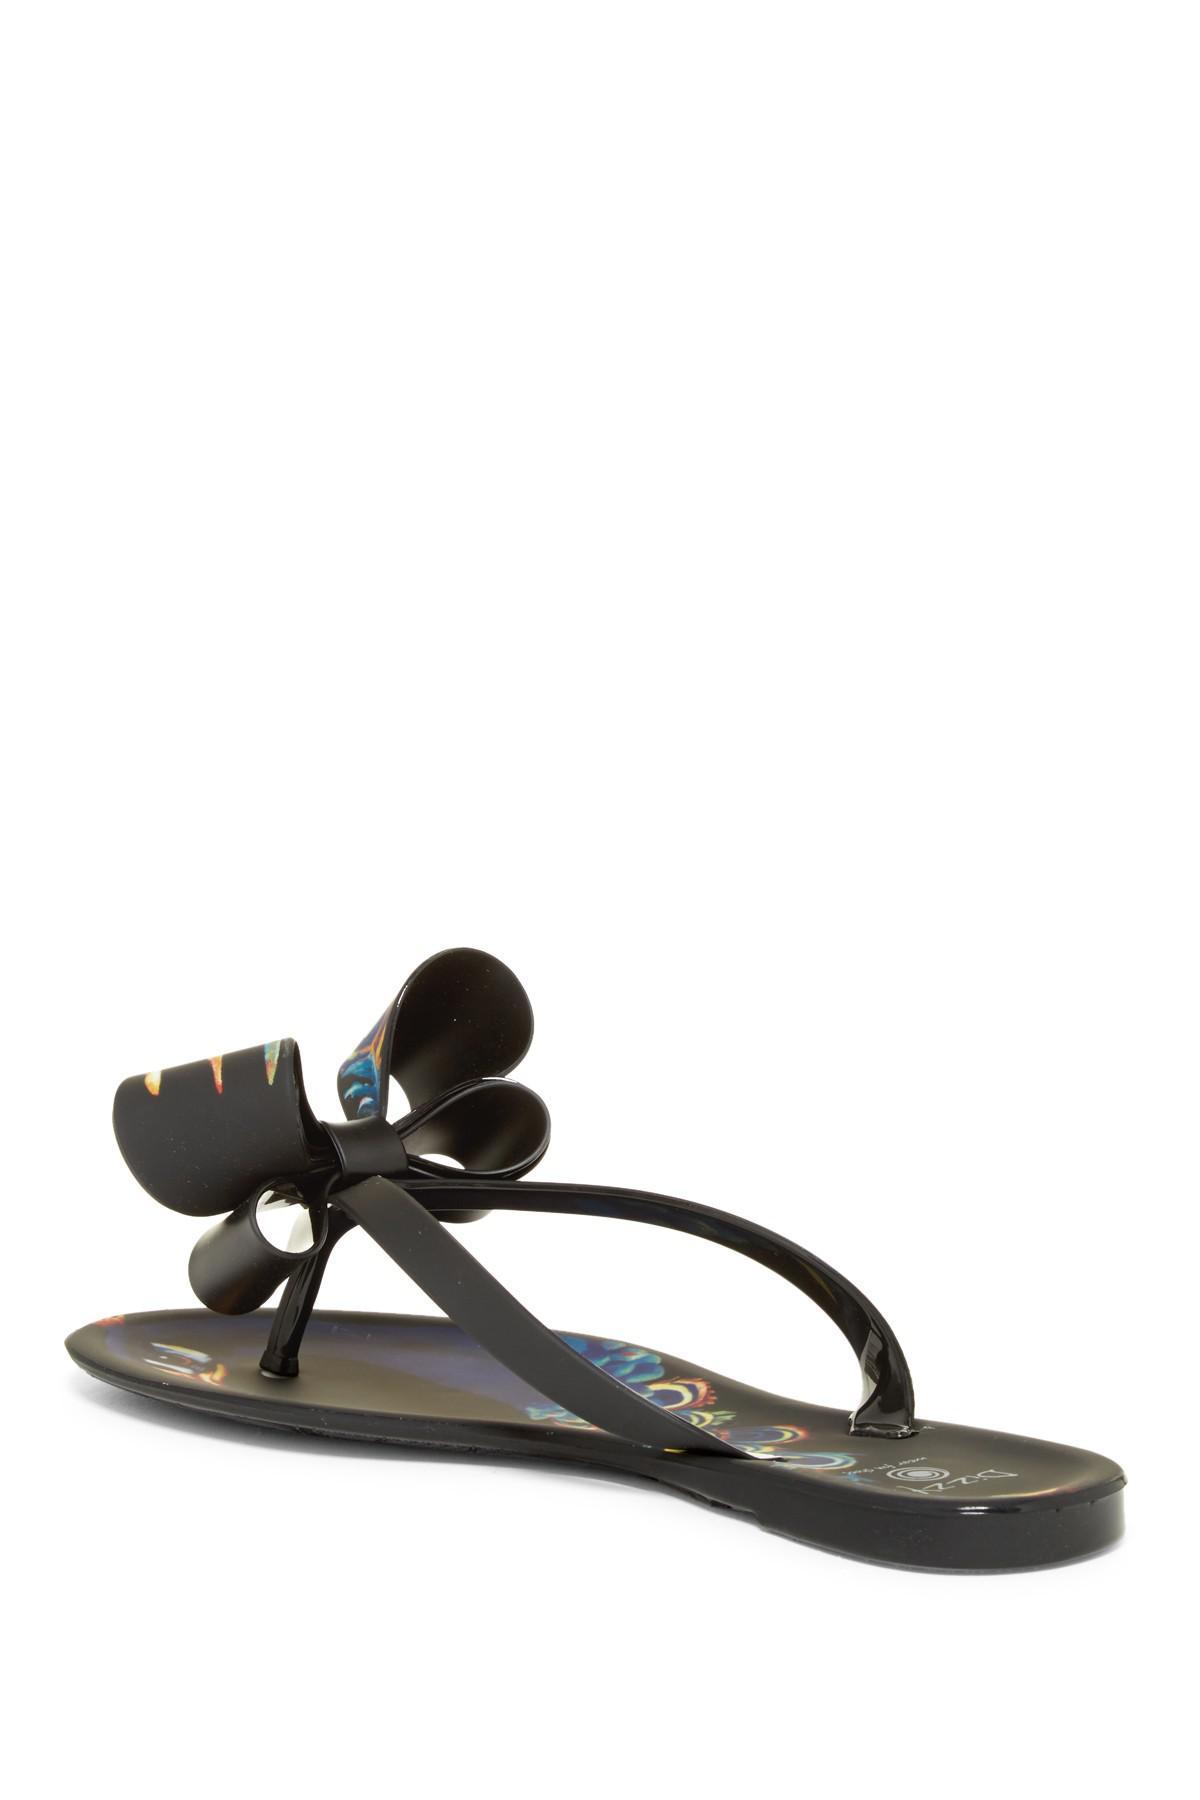 837564c4e Lyst - Dizzy Matte Peacock Bow Flip-flop in Black